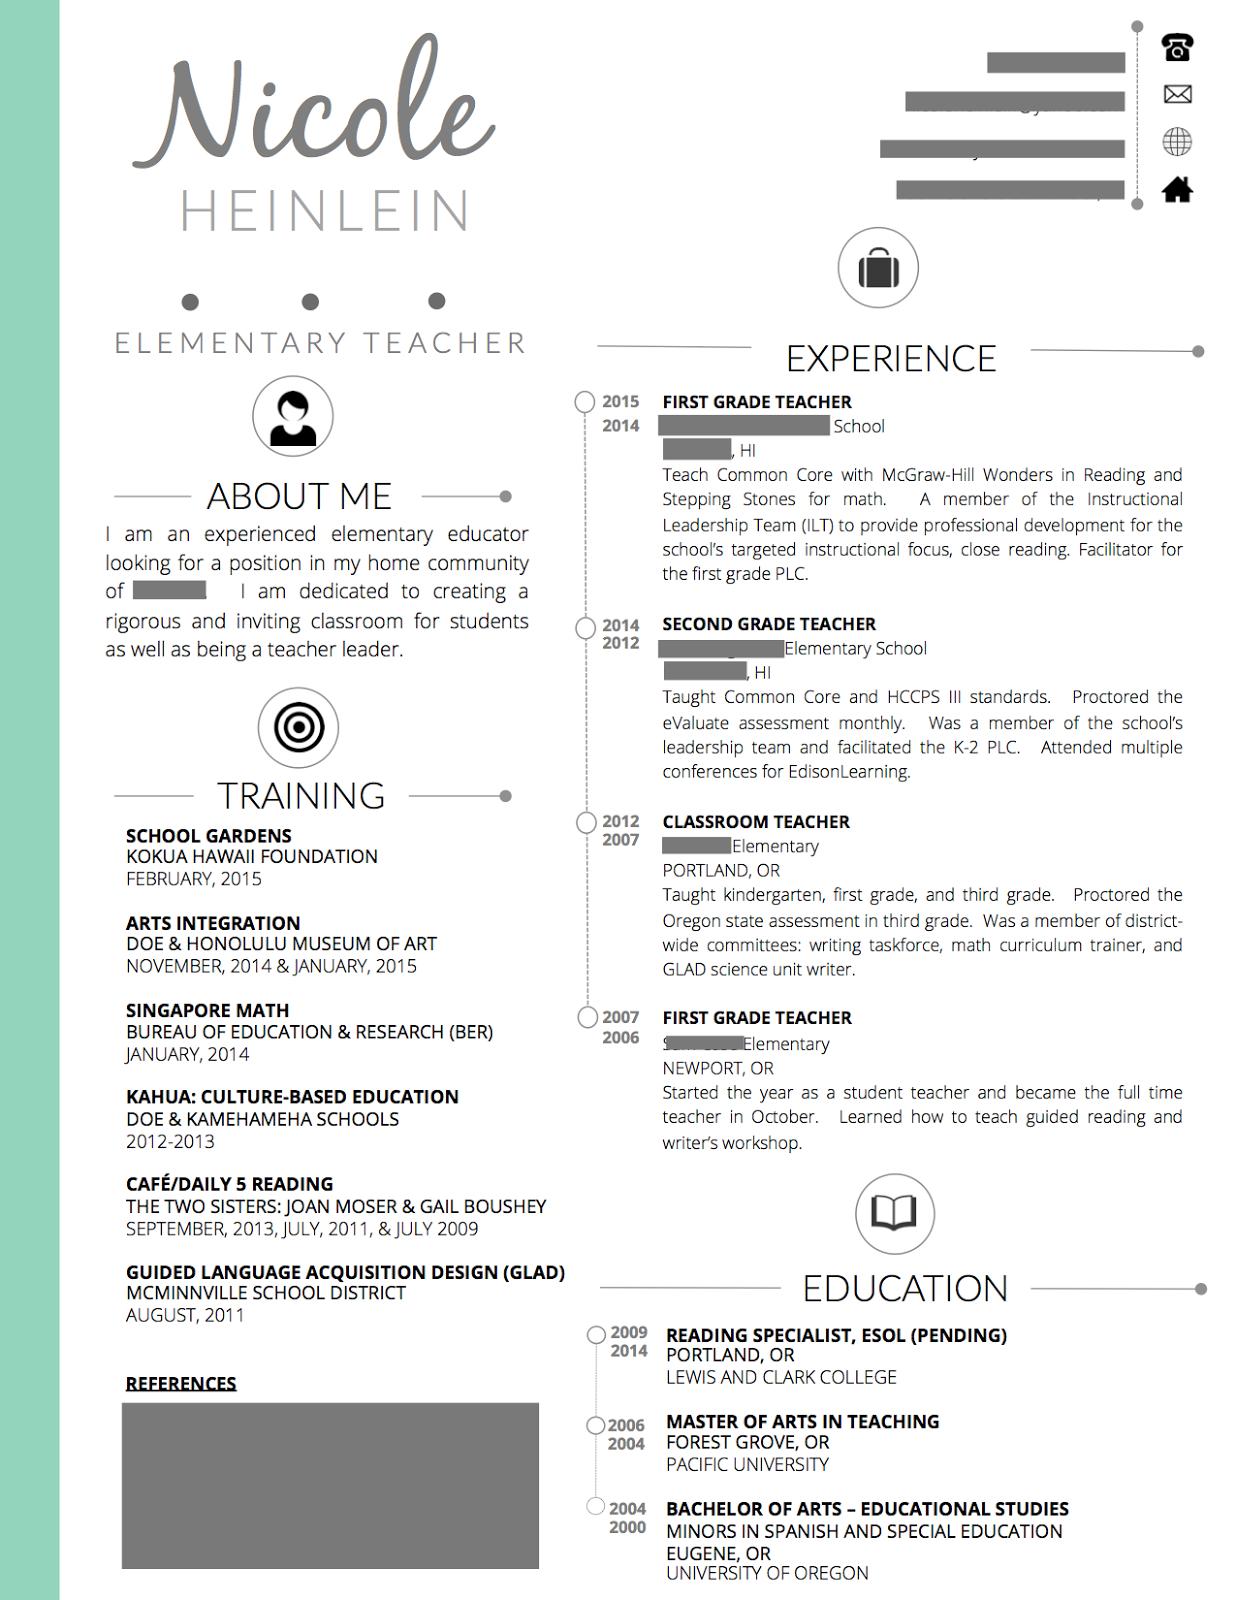 new elementary teacher resume template - Teaching Resume Format